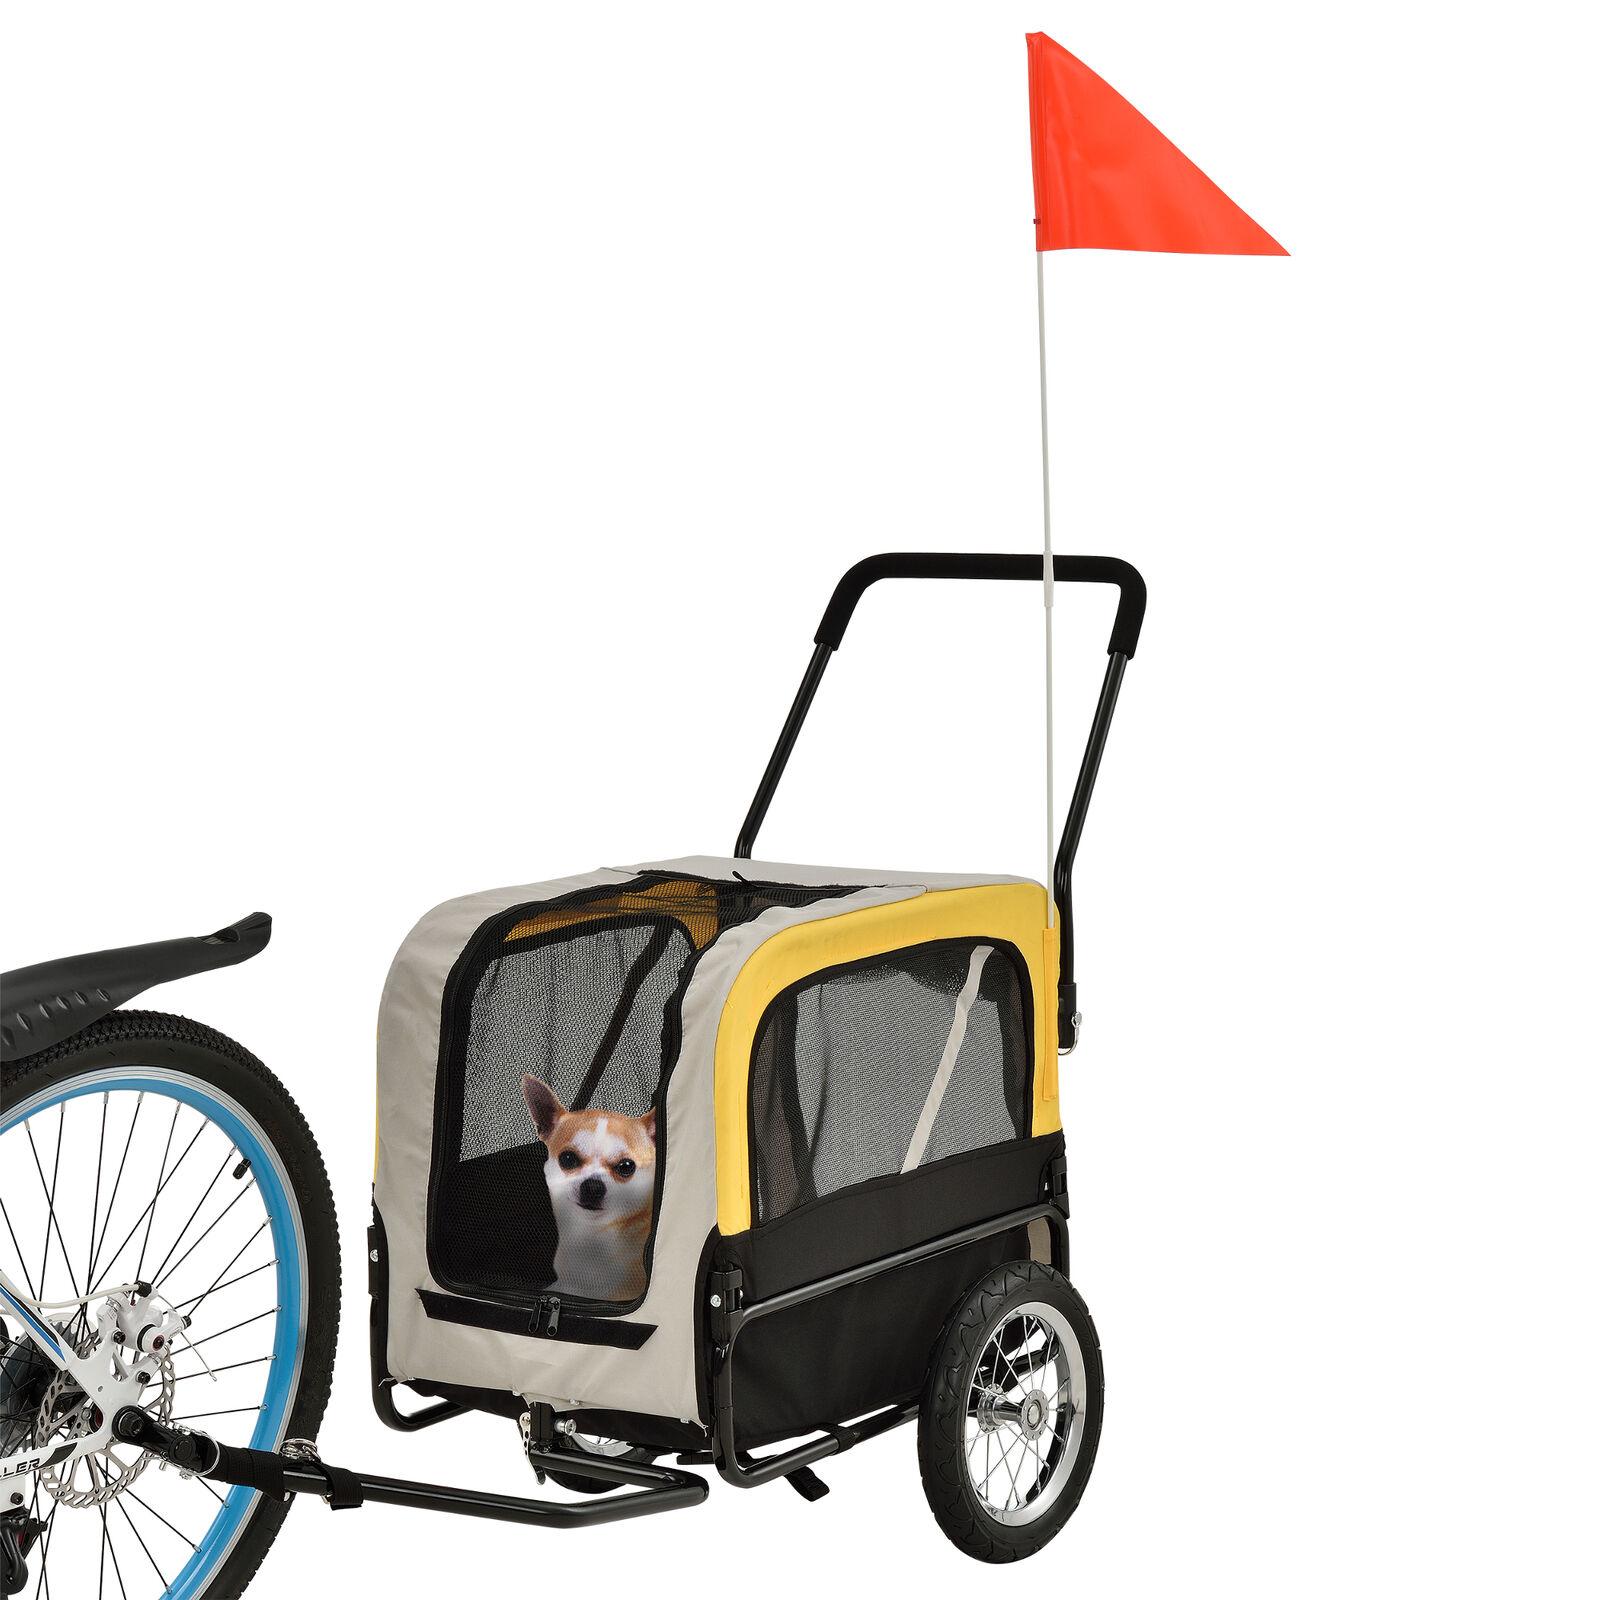 [pro.tec]® Rimor o per bici per animaliTrasportino per107x56x97cm